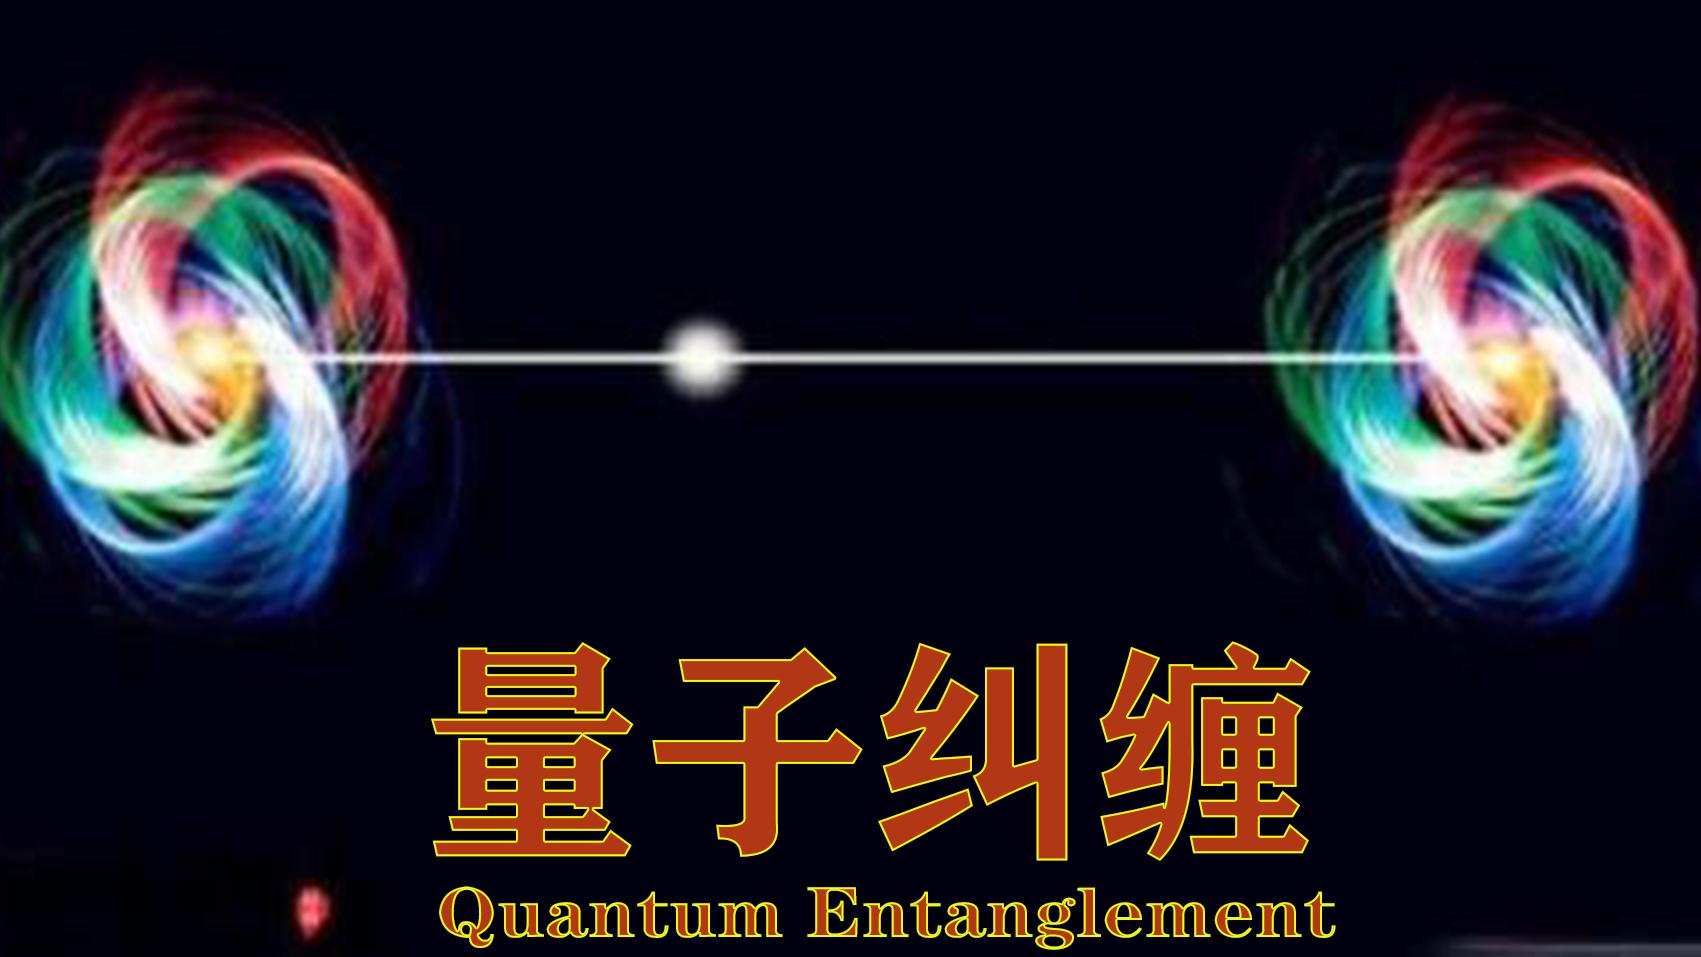 比现有的传输速度快几十亿倍的量子通信即将到来 丨小胖开脑洞